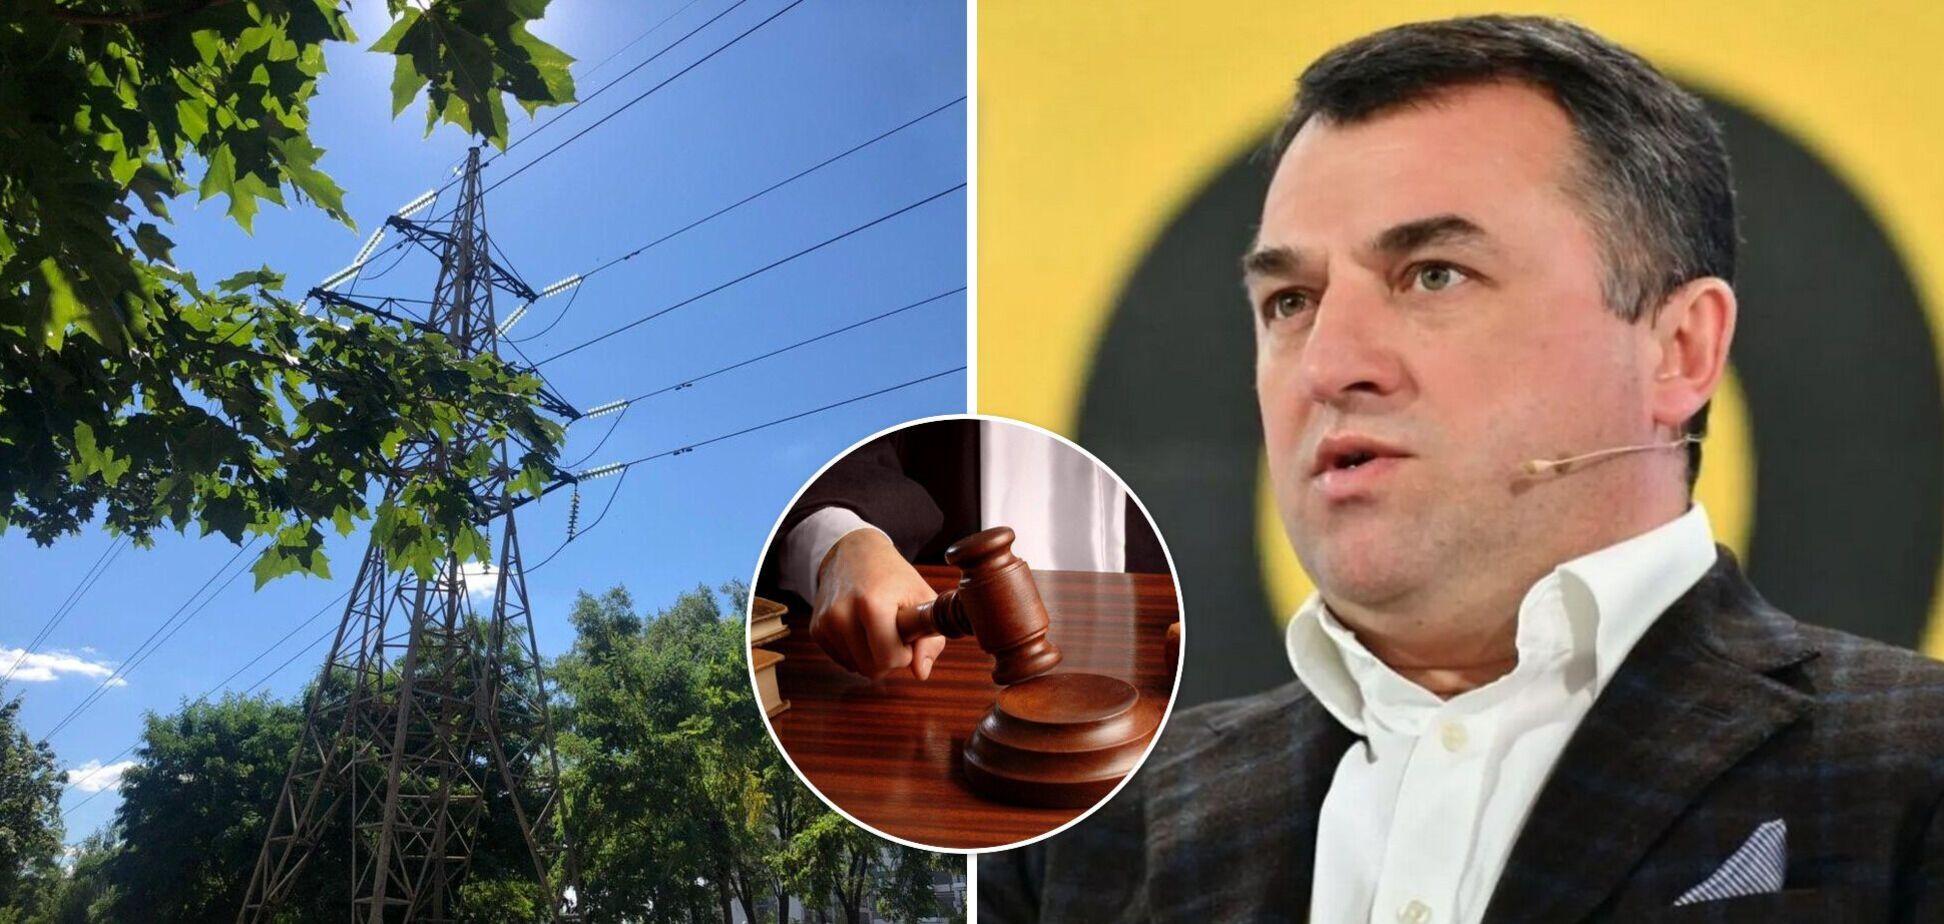 Глава НКРЕКП запустив хвалебну медіа-кампанію напередодні засідання суду щодо його звільнення, – нардеп